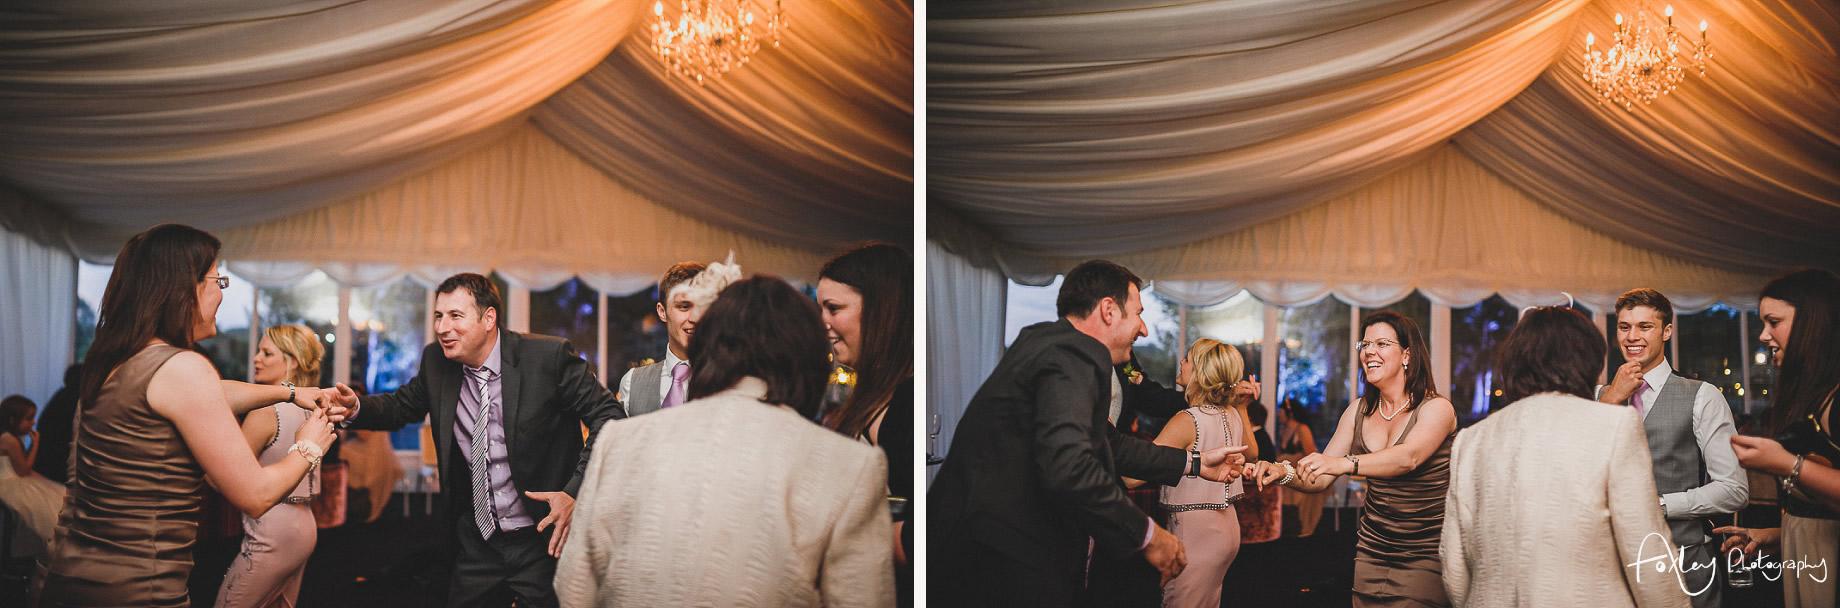 Simona-and-Robert-Wedding-at-Colshaw-Hall-160